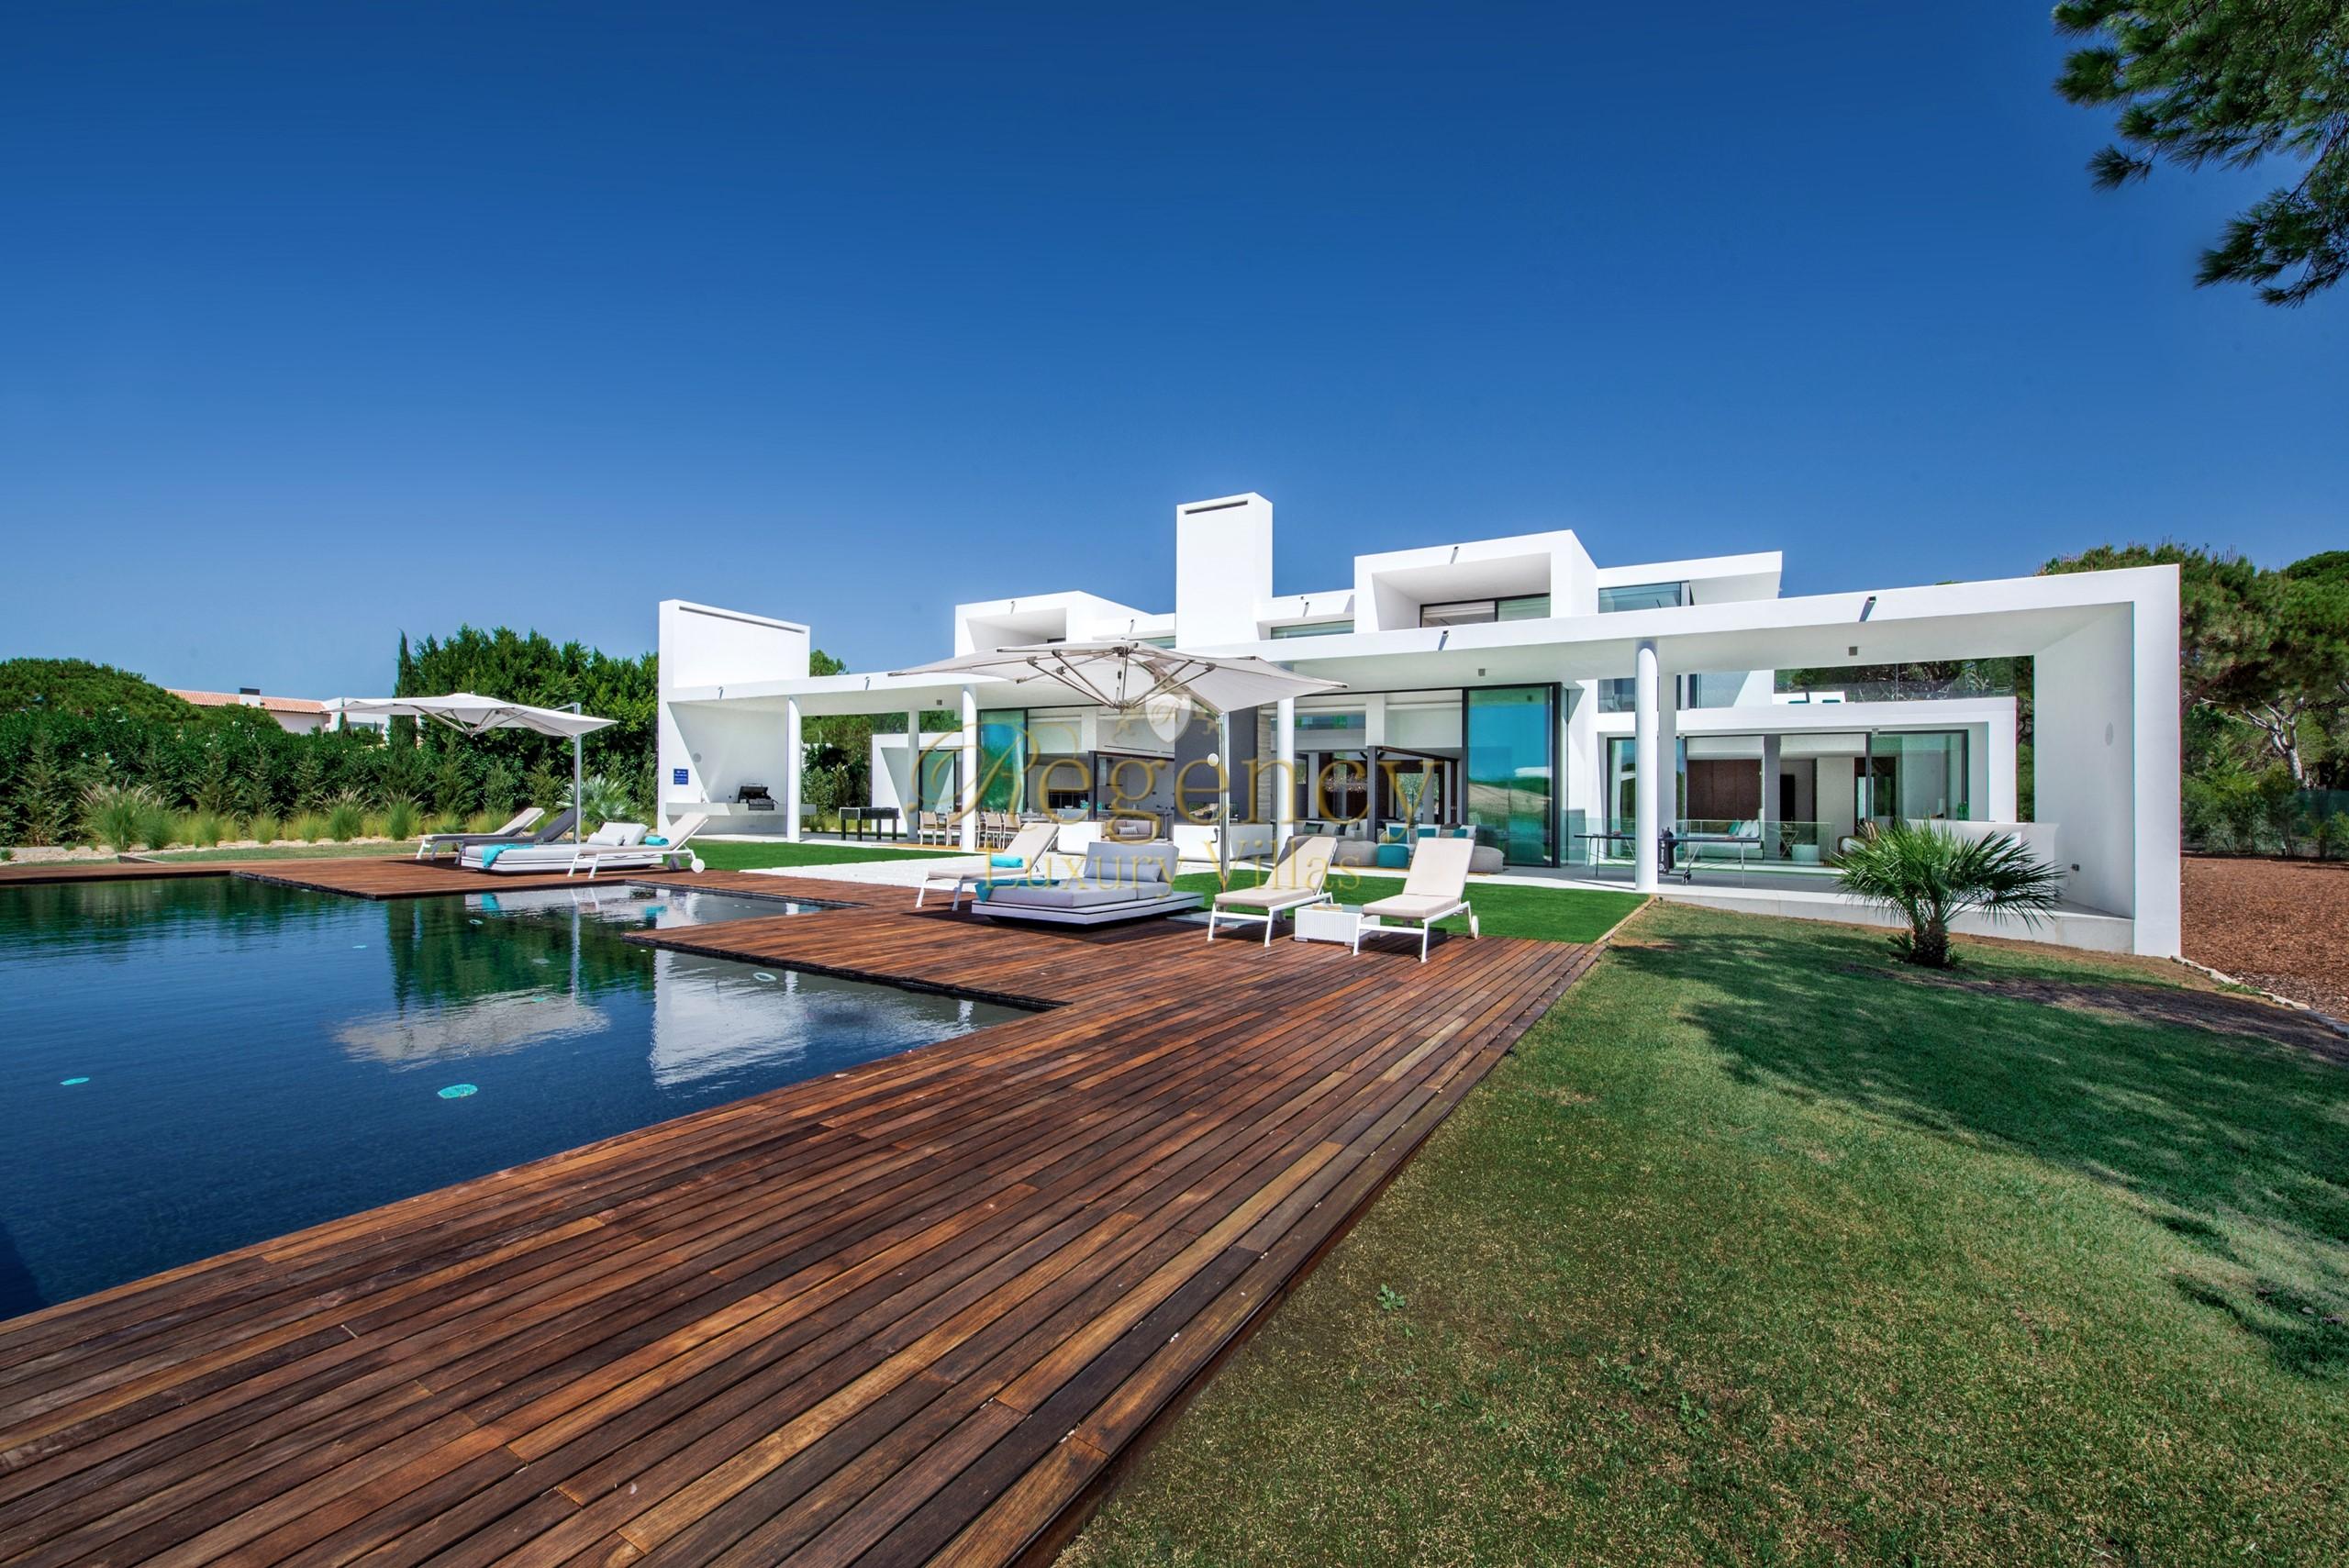 Contemporary 6 Bedrooms Luxury Villa To Rent In The Vilamoura Resort Pinhal Velho Near The Golf Course Algarve Portugal Villa Millennium Regency Luxury Villaspinhal Velho 51 50 30